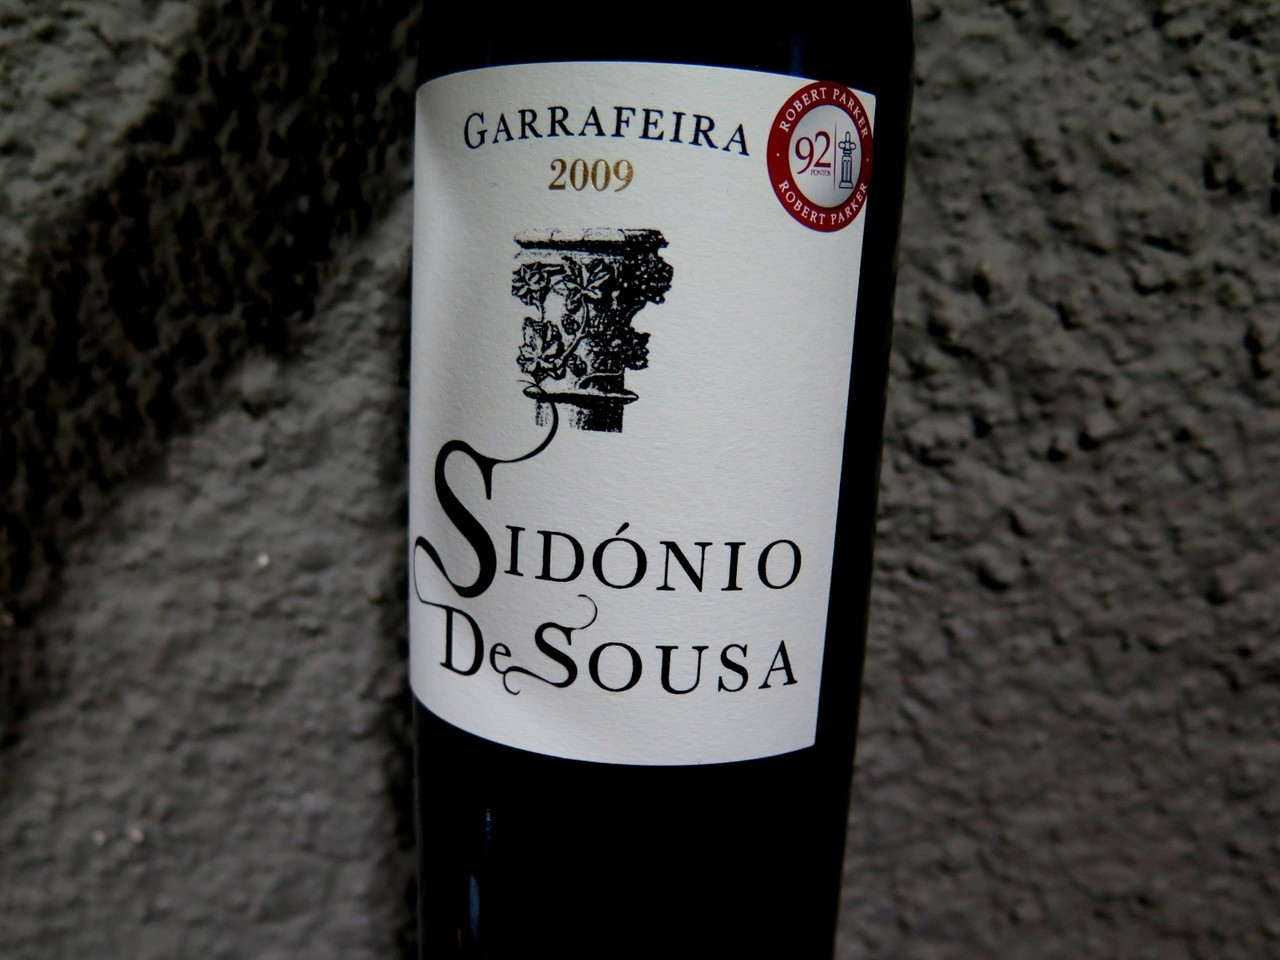 Sidónio de Sousa Garrafeira tinto 2009